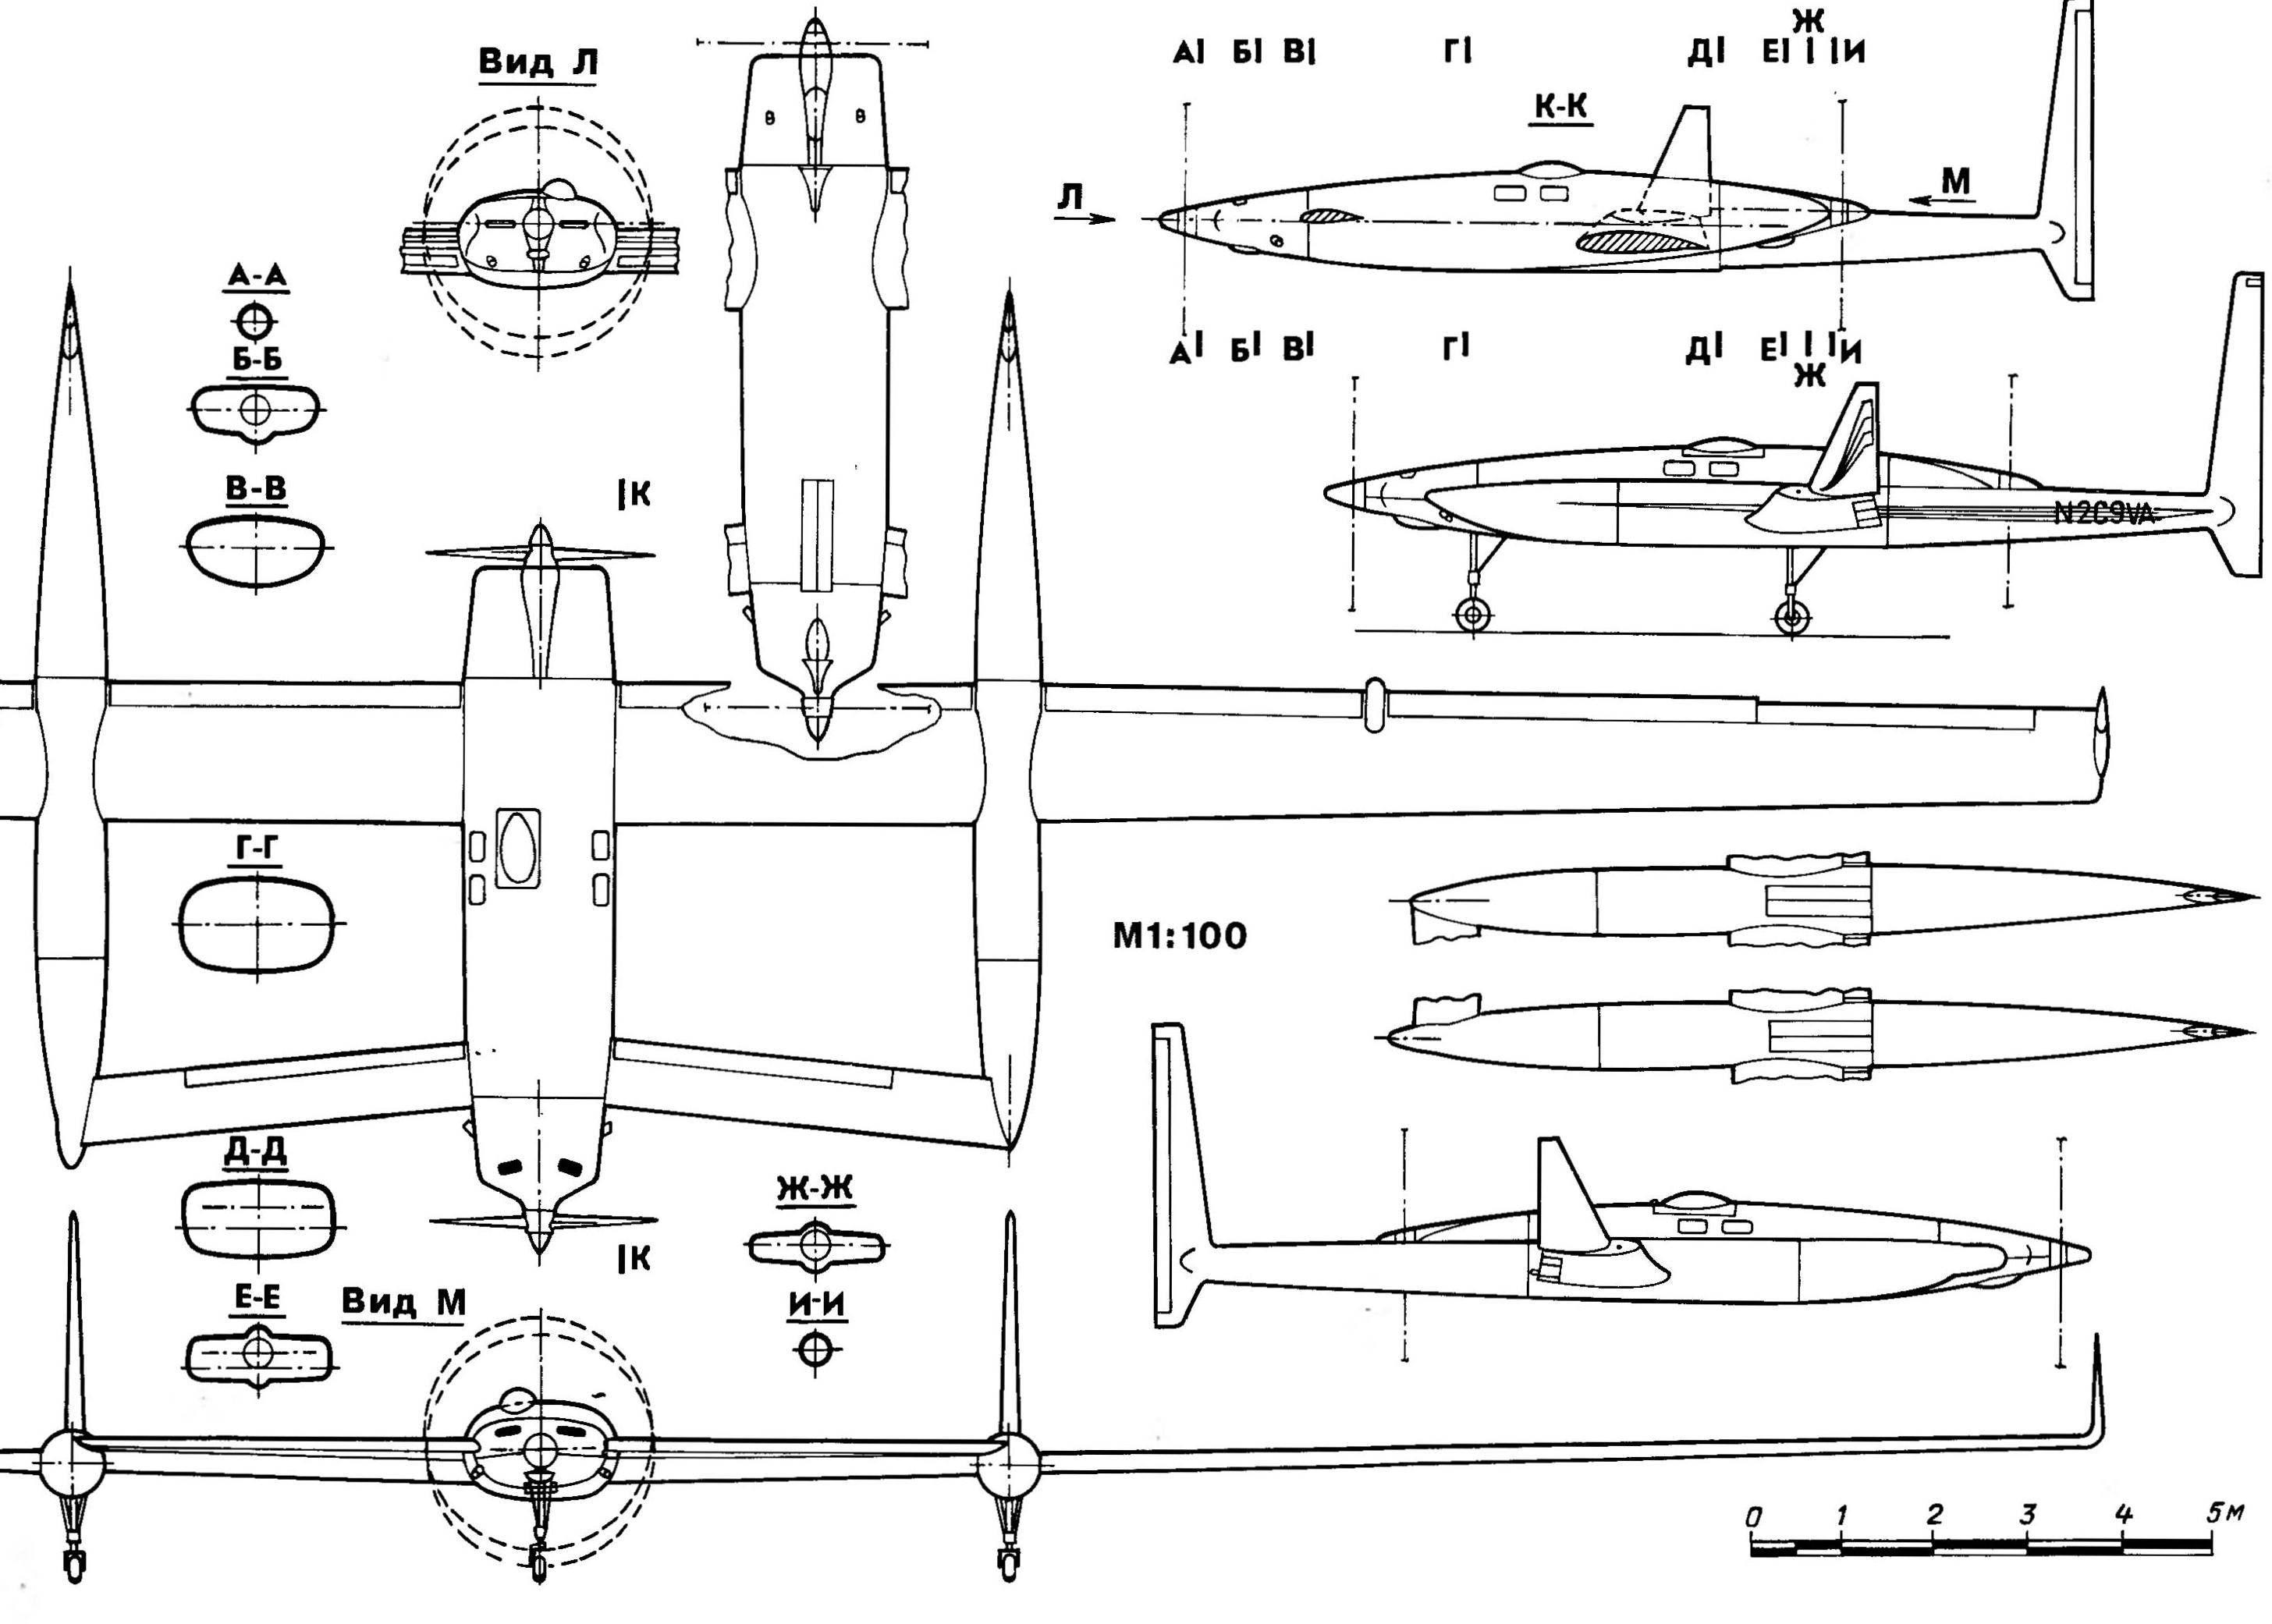 Рекордный двухмоторный двухместный самолет-«утка» «Вояджер» конструкции Берта Рутана